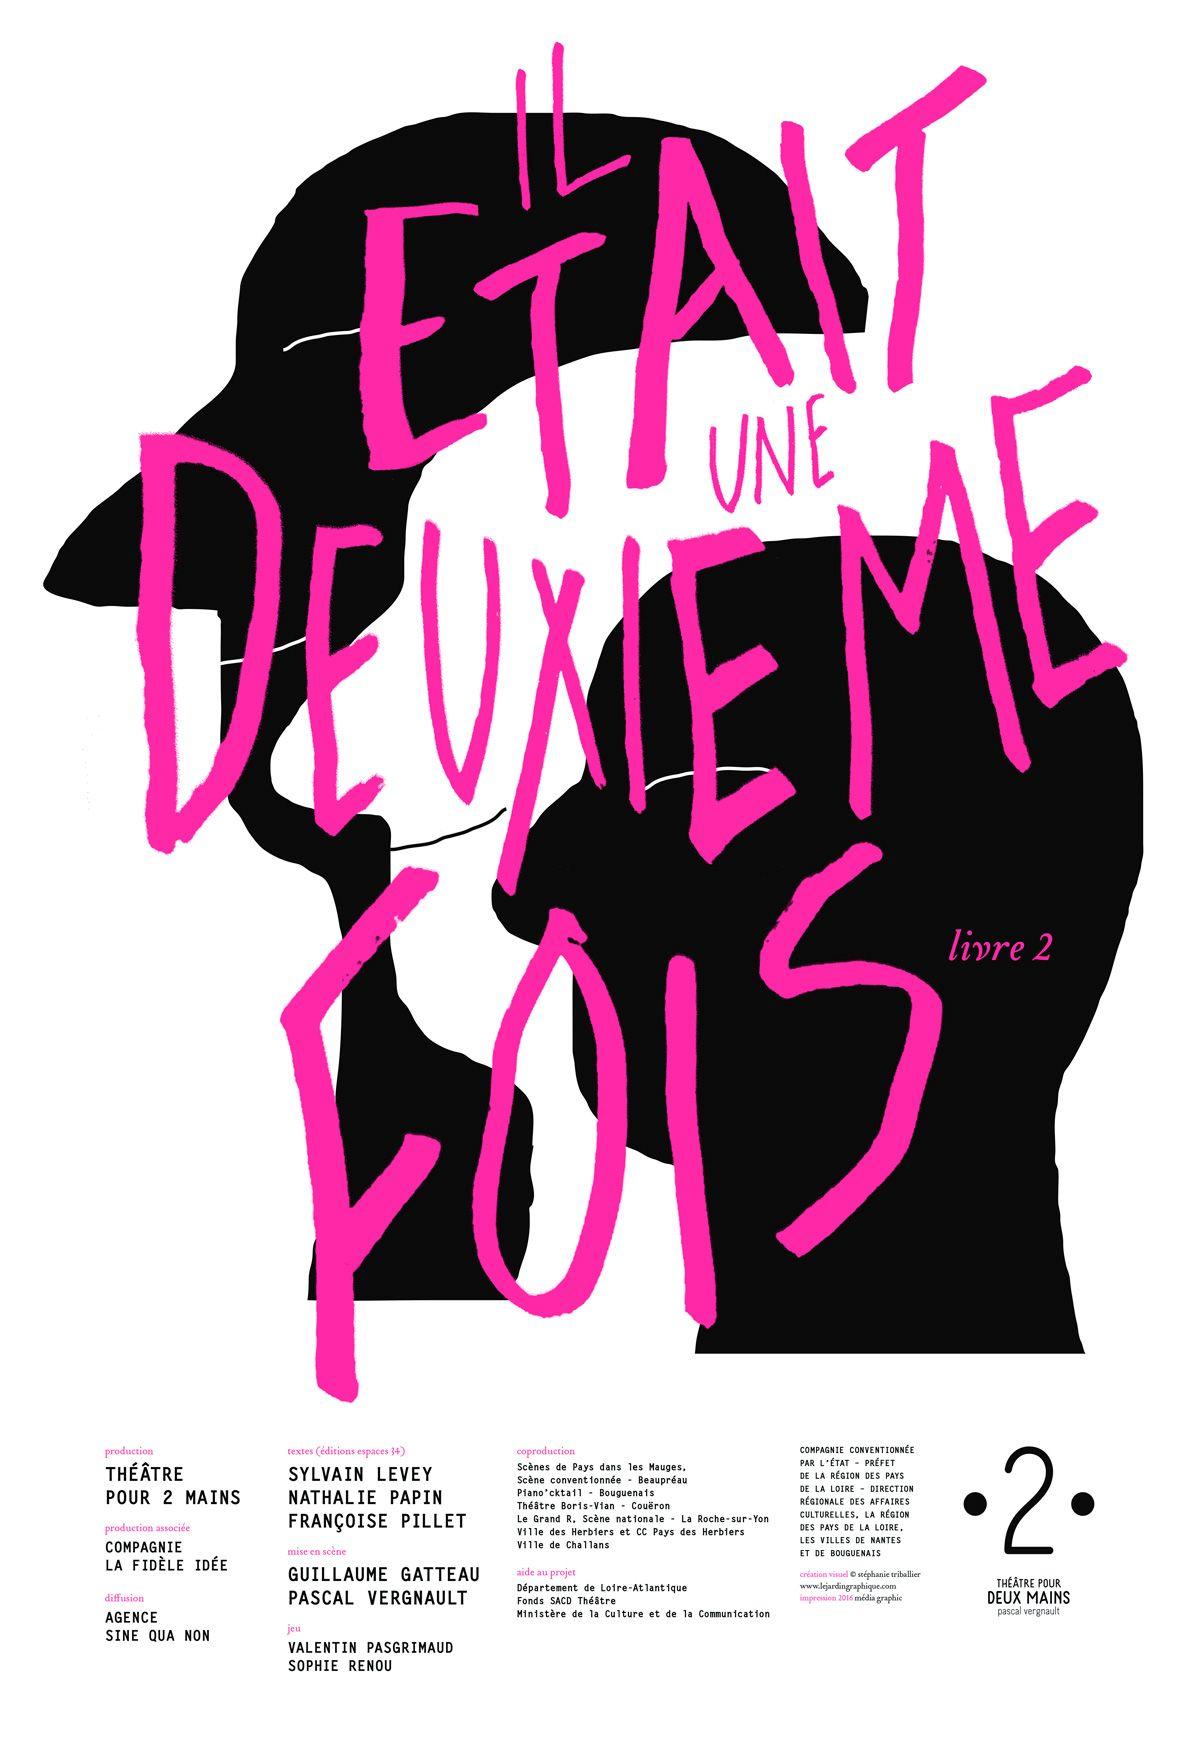 Le Jardin Graphique Compagnie Theatre Pour Deux Mains Pascal Vergnault 2014 2015 2016 2017 Design Grap Design Graphique Graphique Poster Affiche